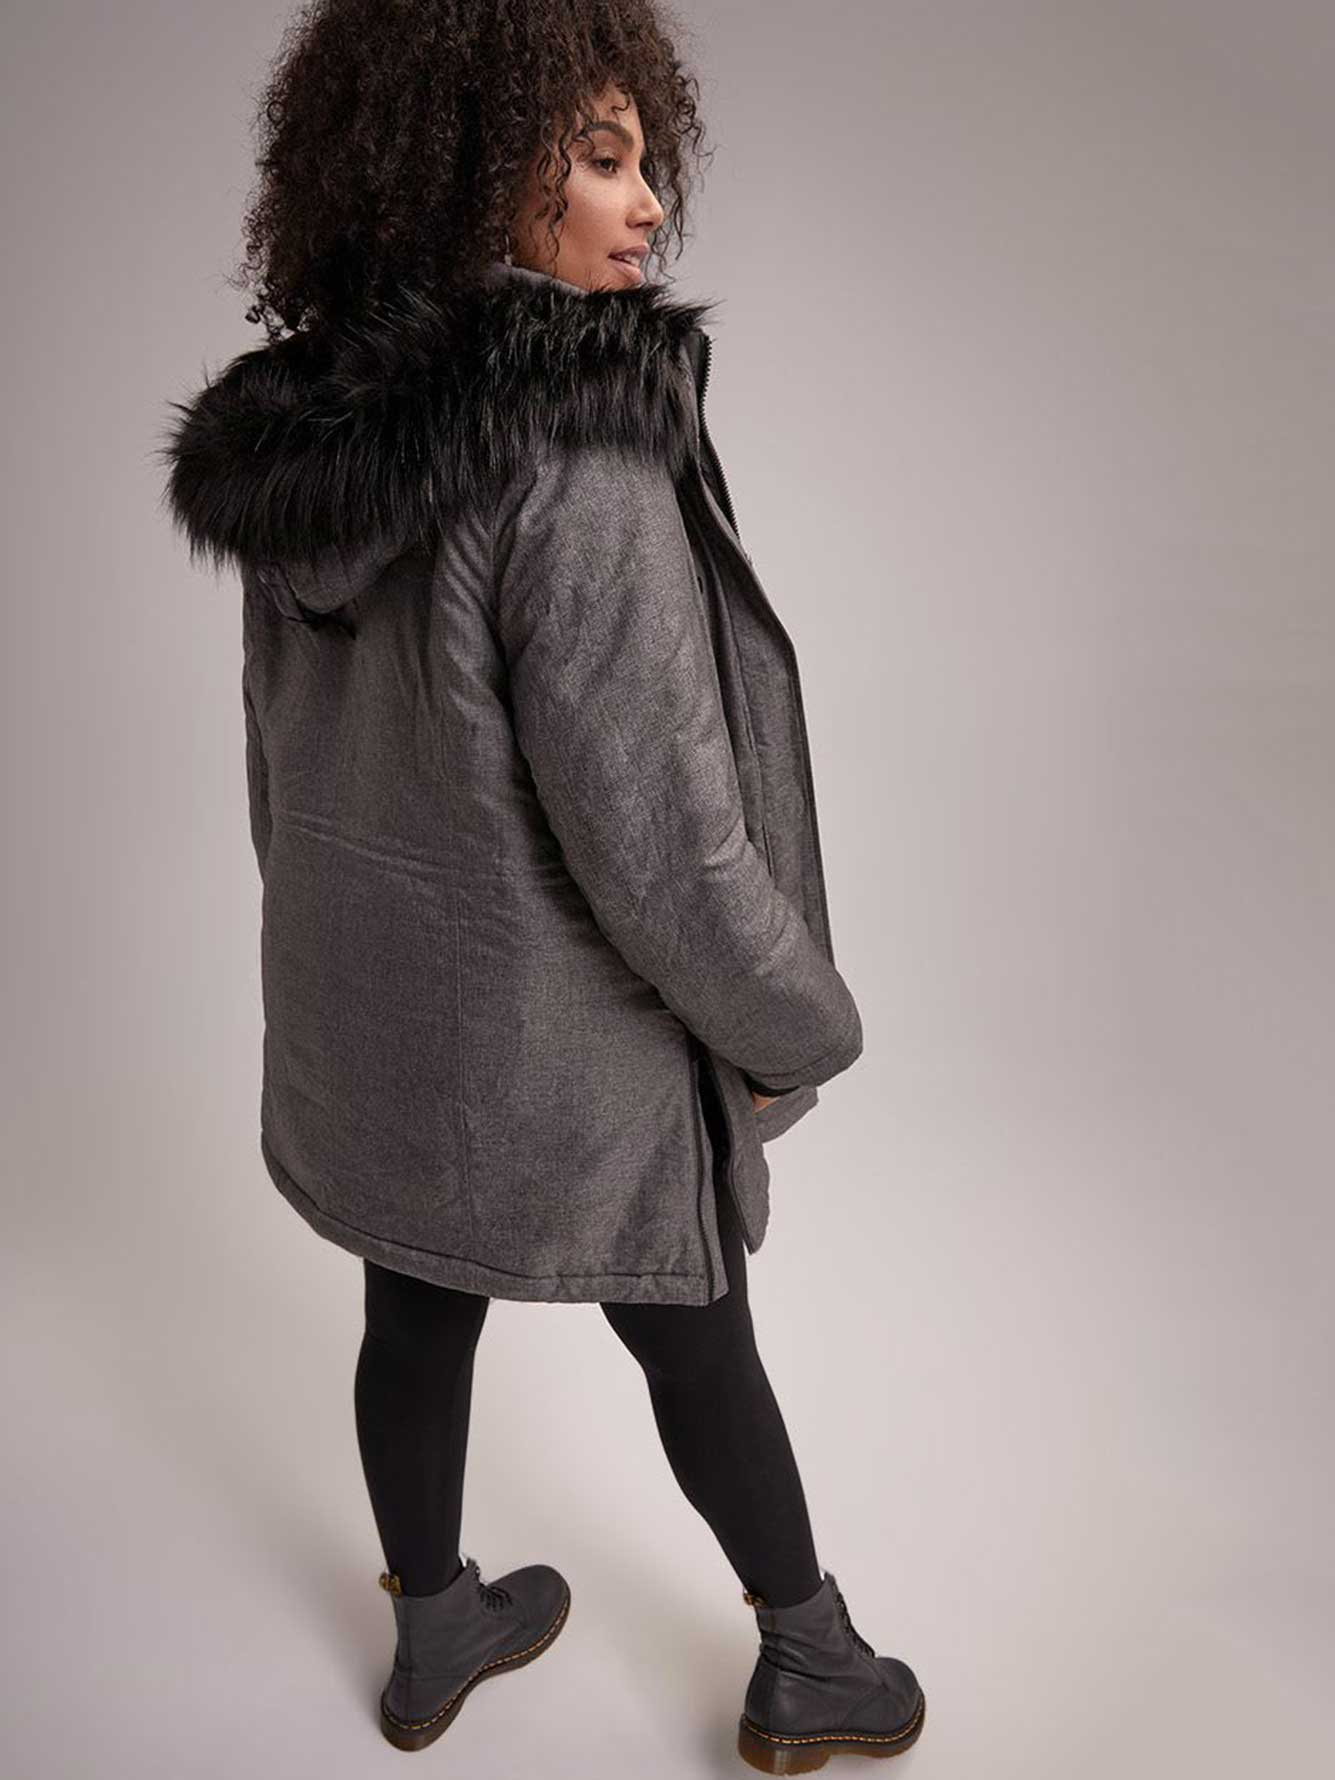 cd8bed5d656 Faux Fur Hooded City Parka - LIVIK